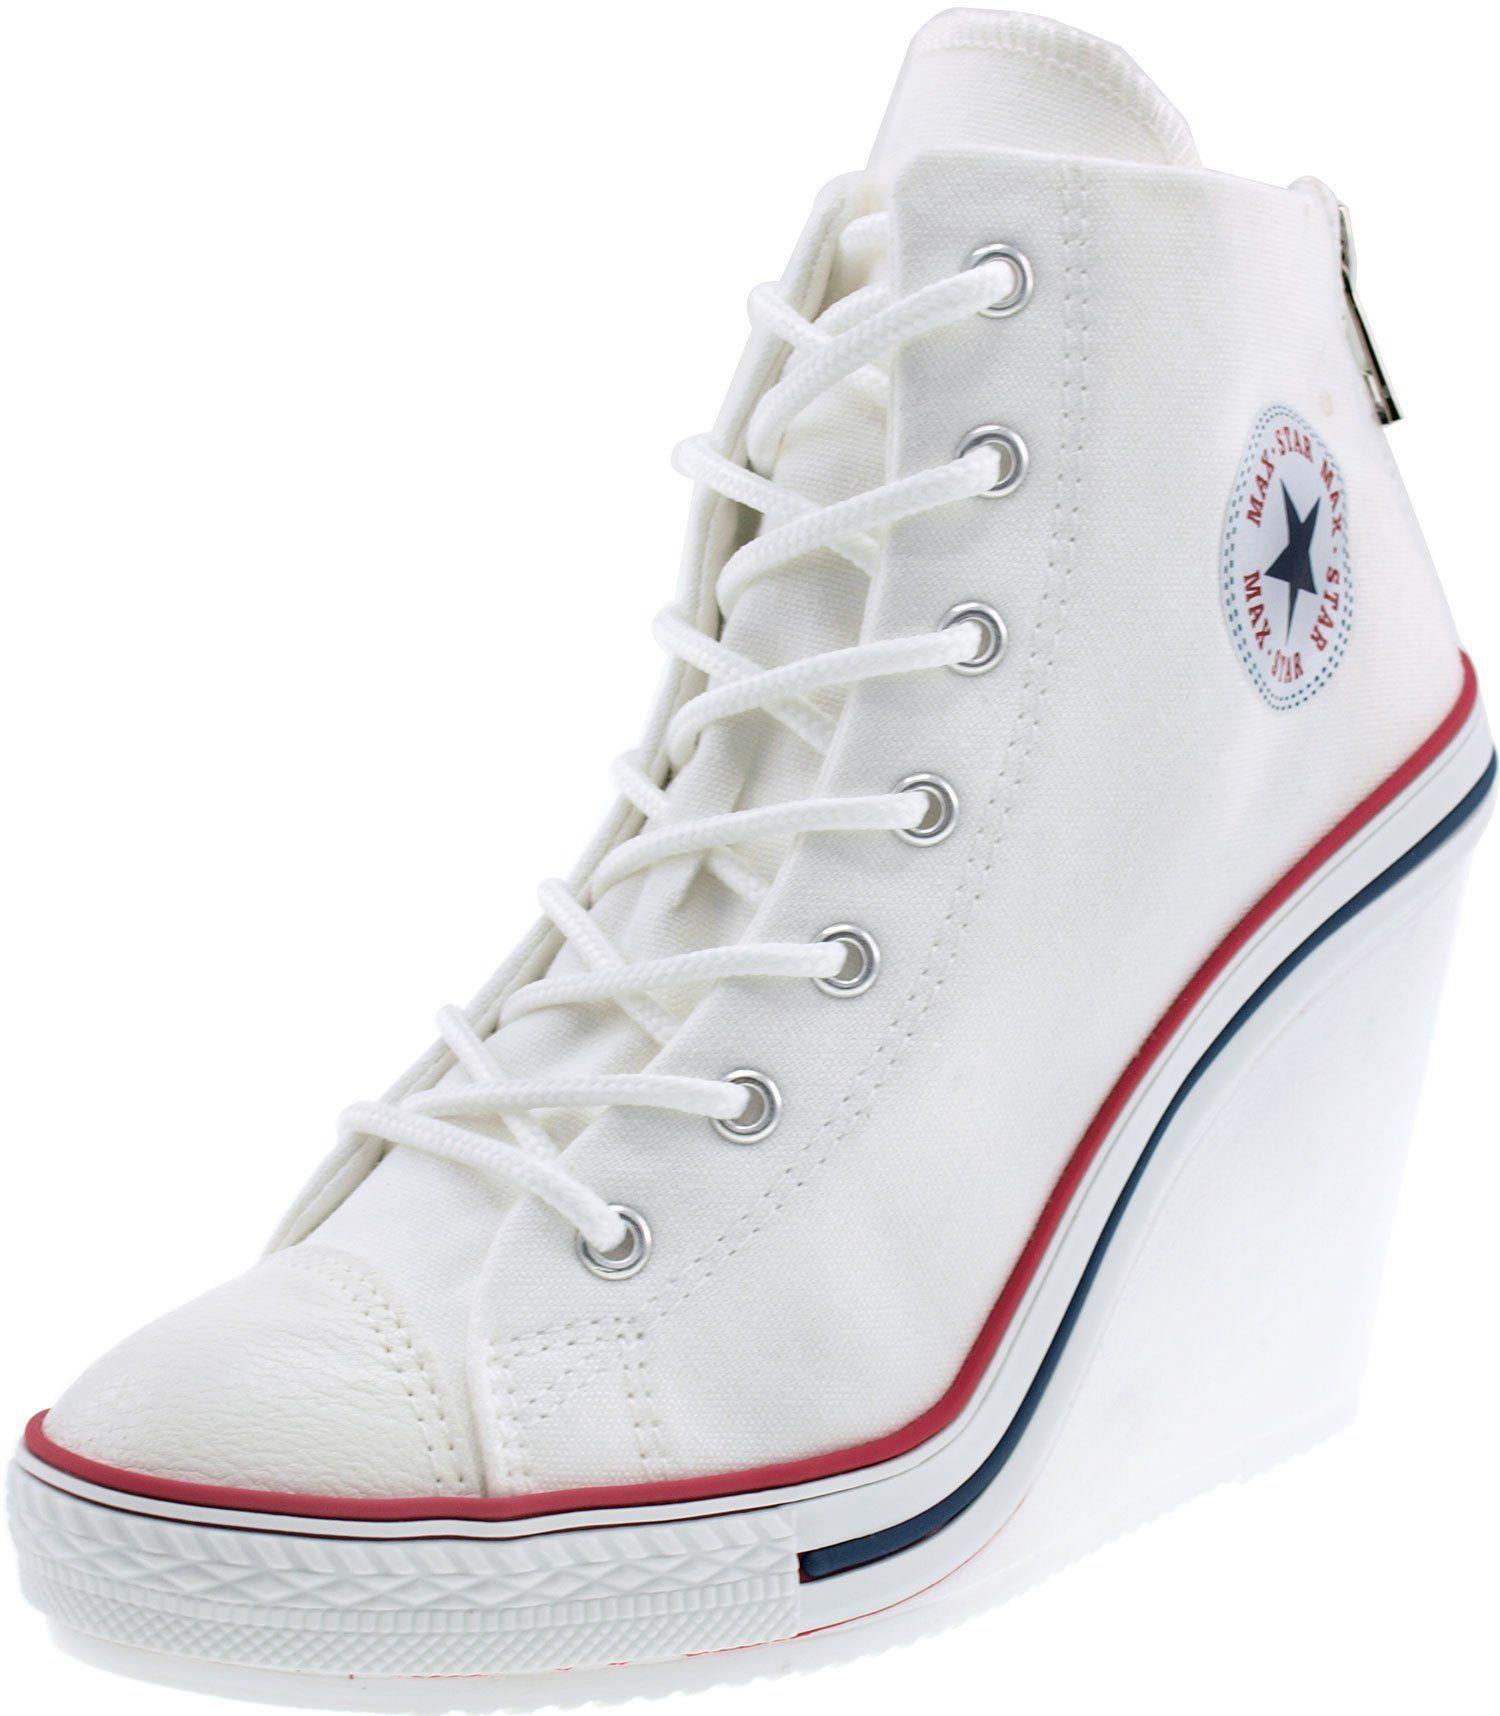 a412237d9223 Amazon.com  Maxstar 777 Back Zipper Canvas Wedge Heels Shoes Black 7 B(M)  US Womens  Shoes